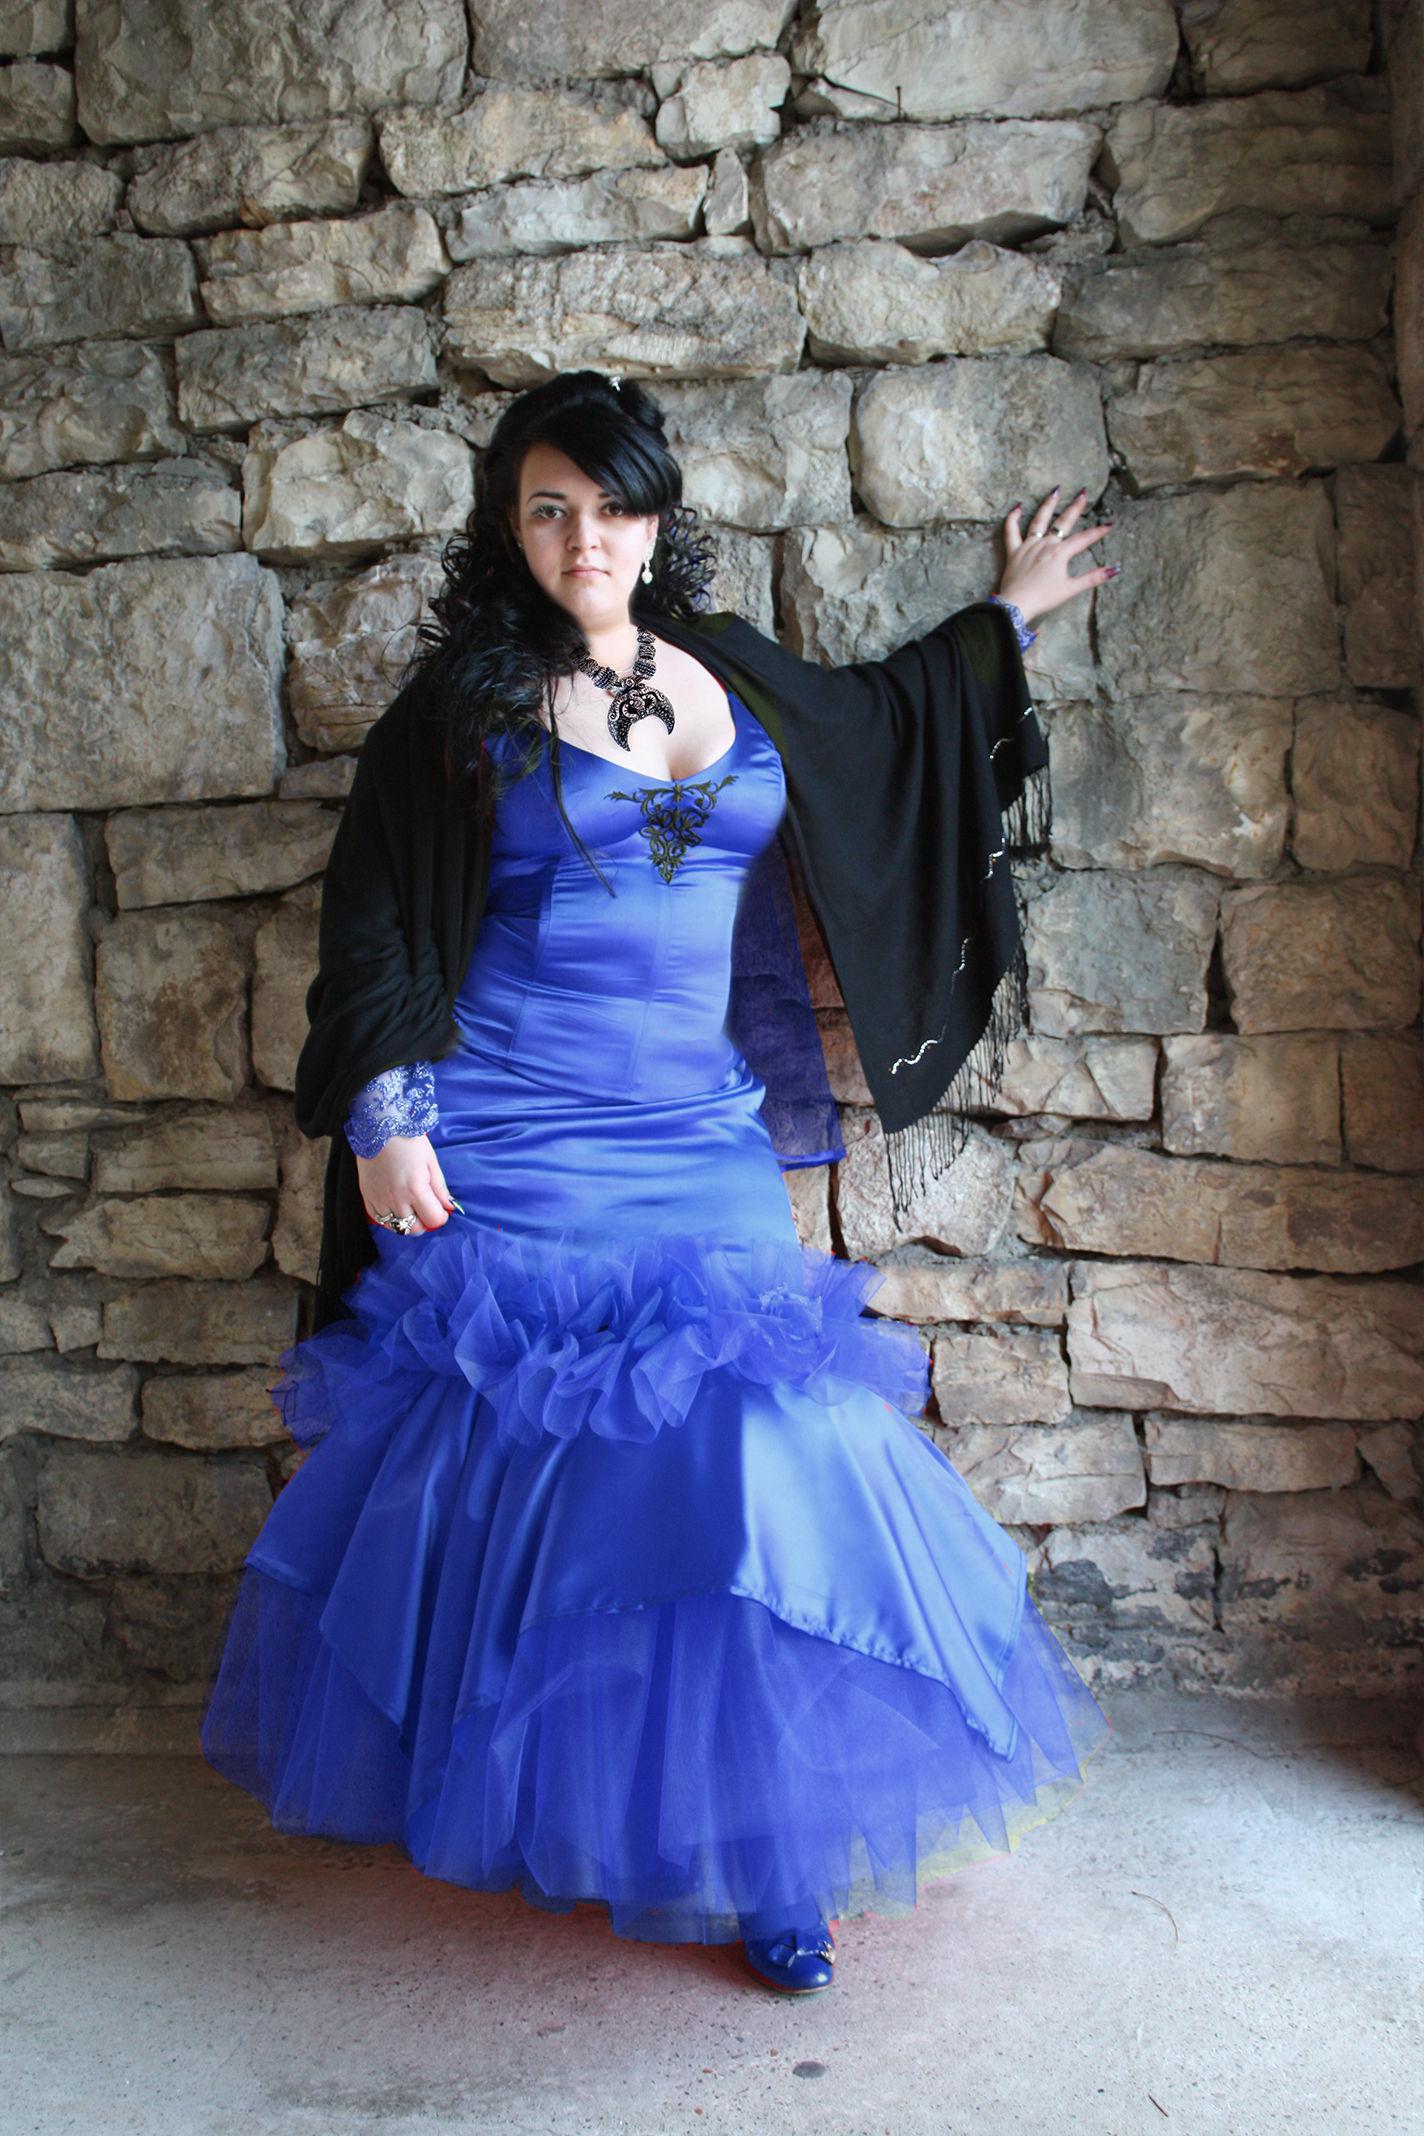 Волшебство и трудолюбие: интервью с Ангелиной Шароновой, создательницей магазина SHAR-LIN